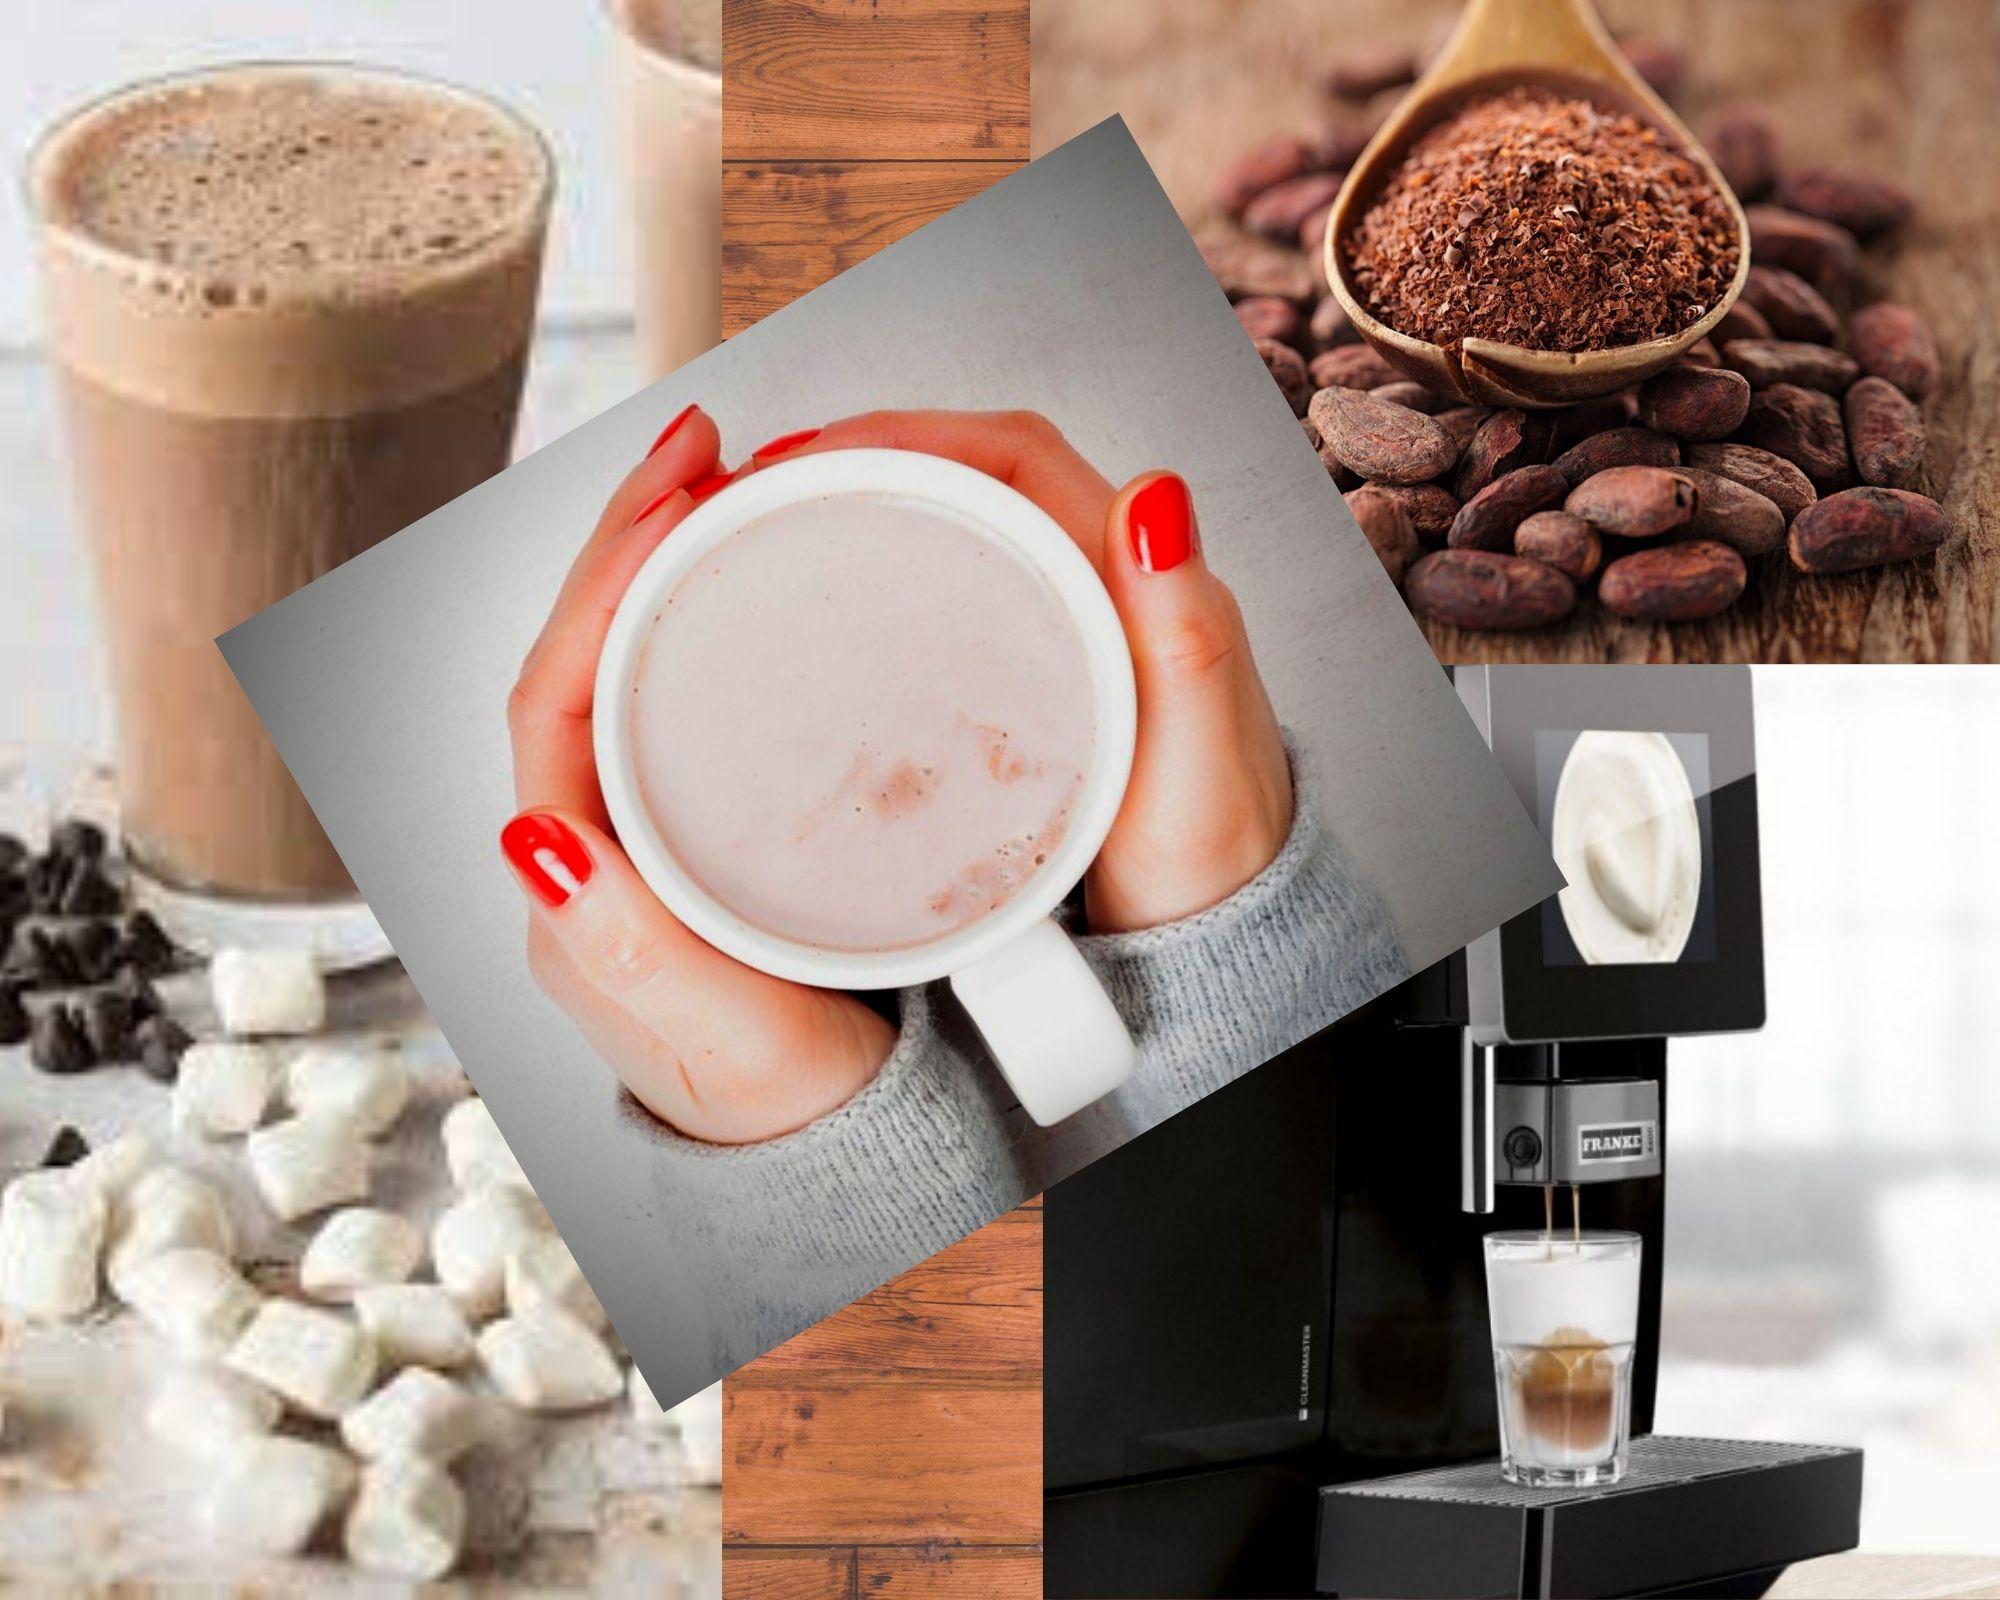 Фото Какао в чашке и ложке.